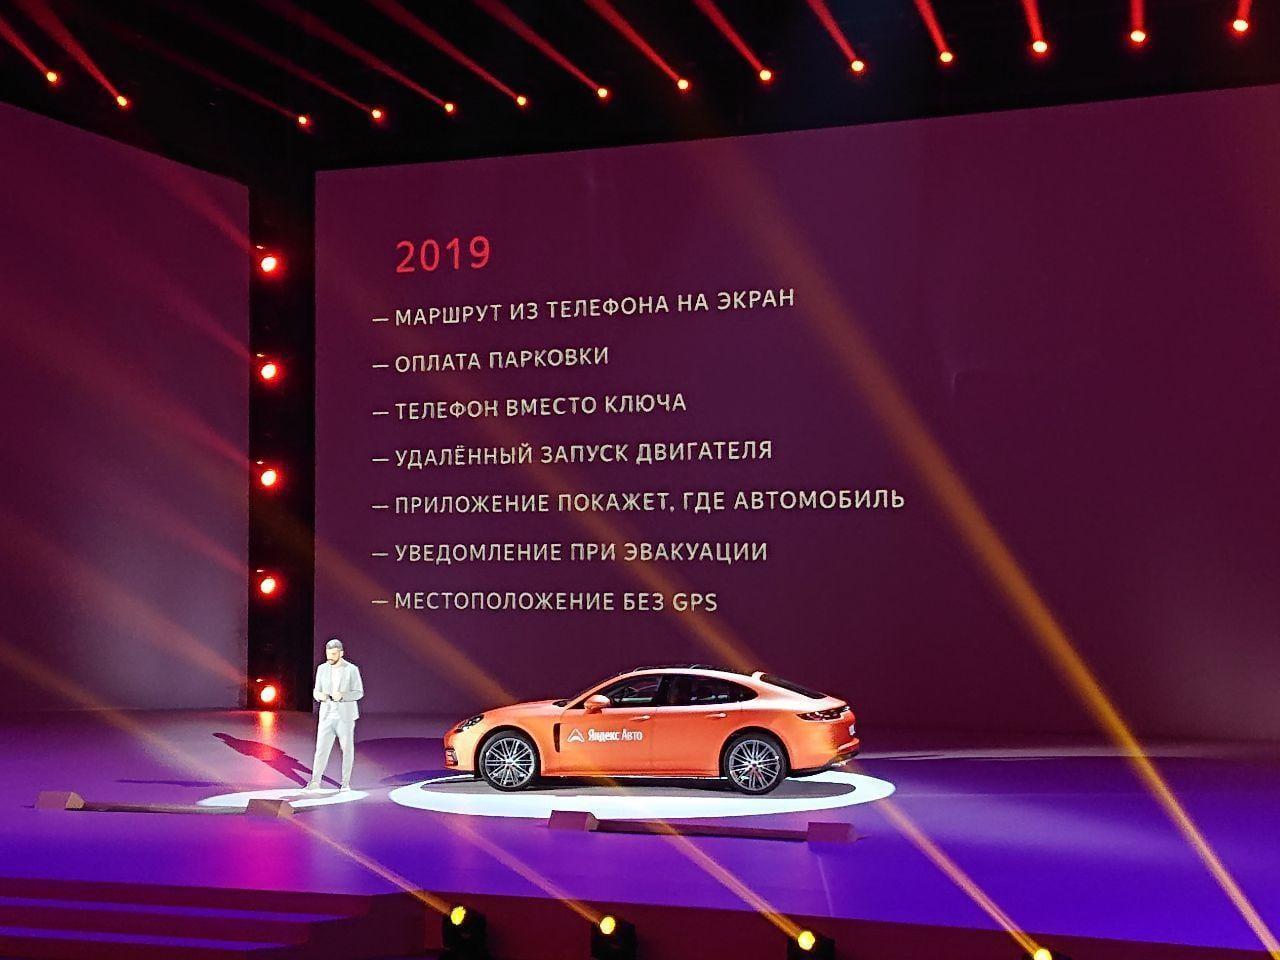 """YaC 2019: Оплата парковки, определение местоположения без GPS, удаленный запуск двигателя и другие возможности новой версии """"Яндекс.Авто"""" (2019 05 23 17.14.17)"""